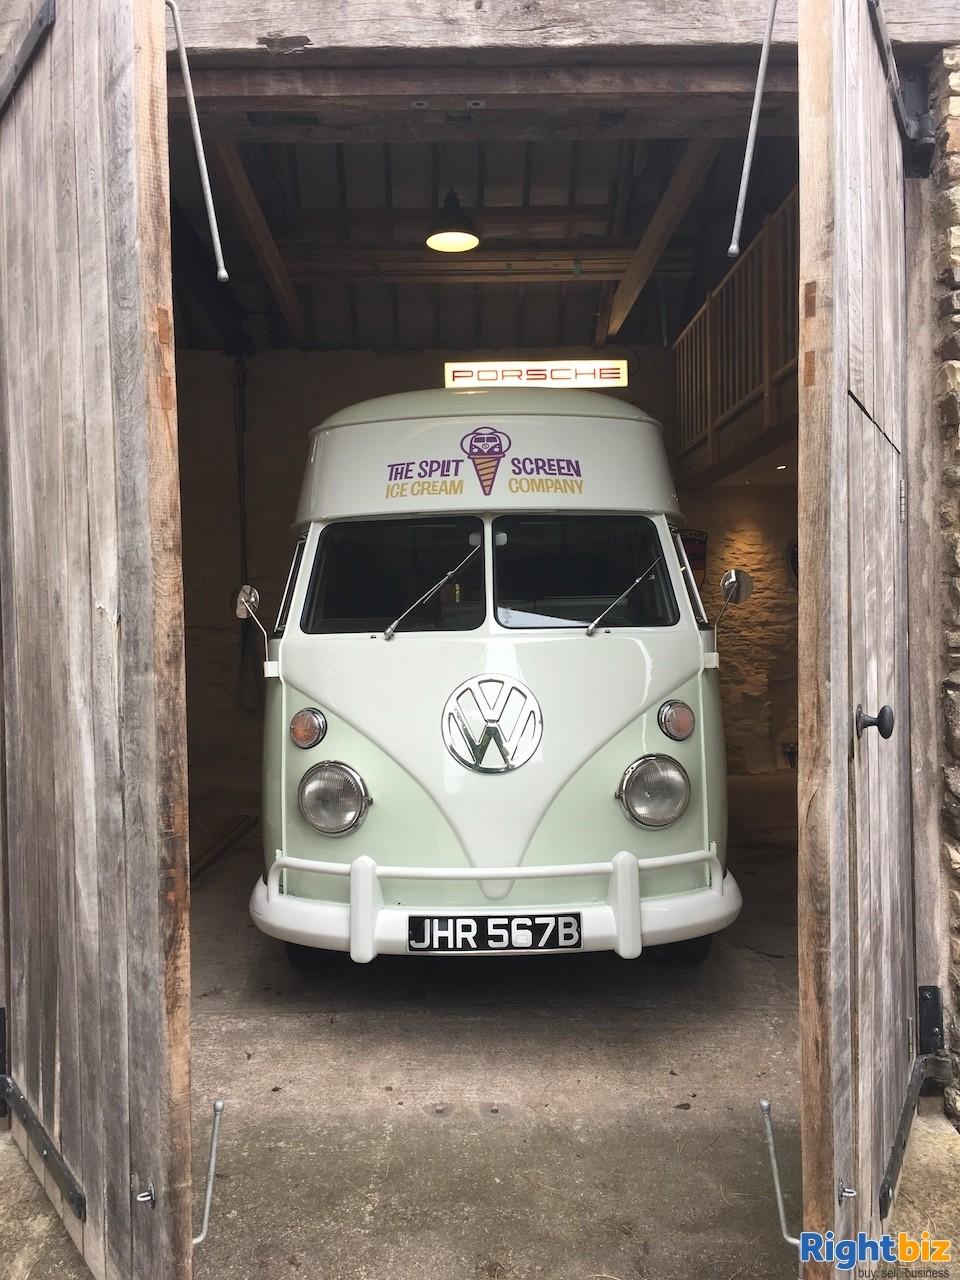 Vintage VW Ice Cream Van business x 3 units - The Split Screen Ice Cream Co. - Image 11